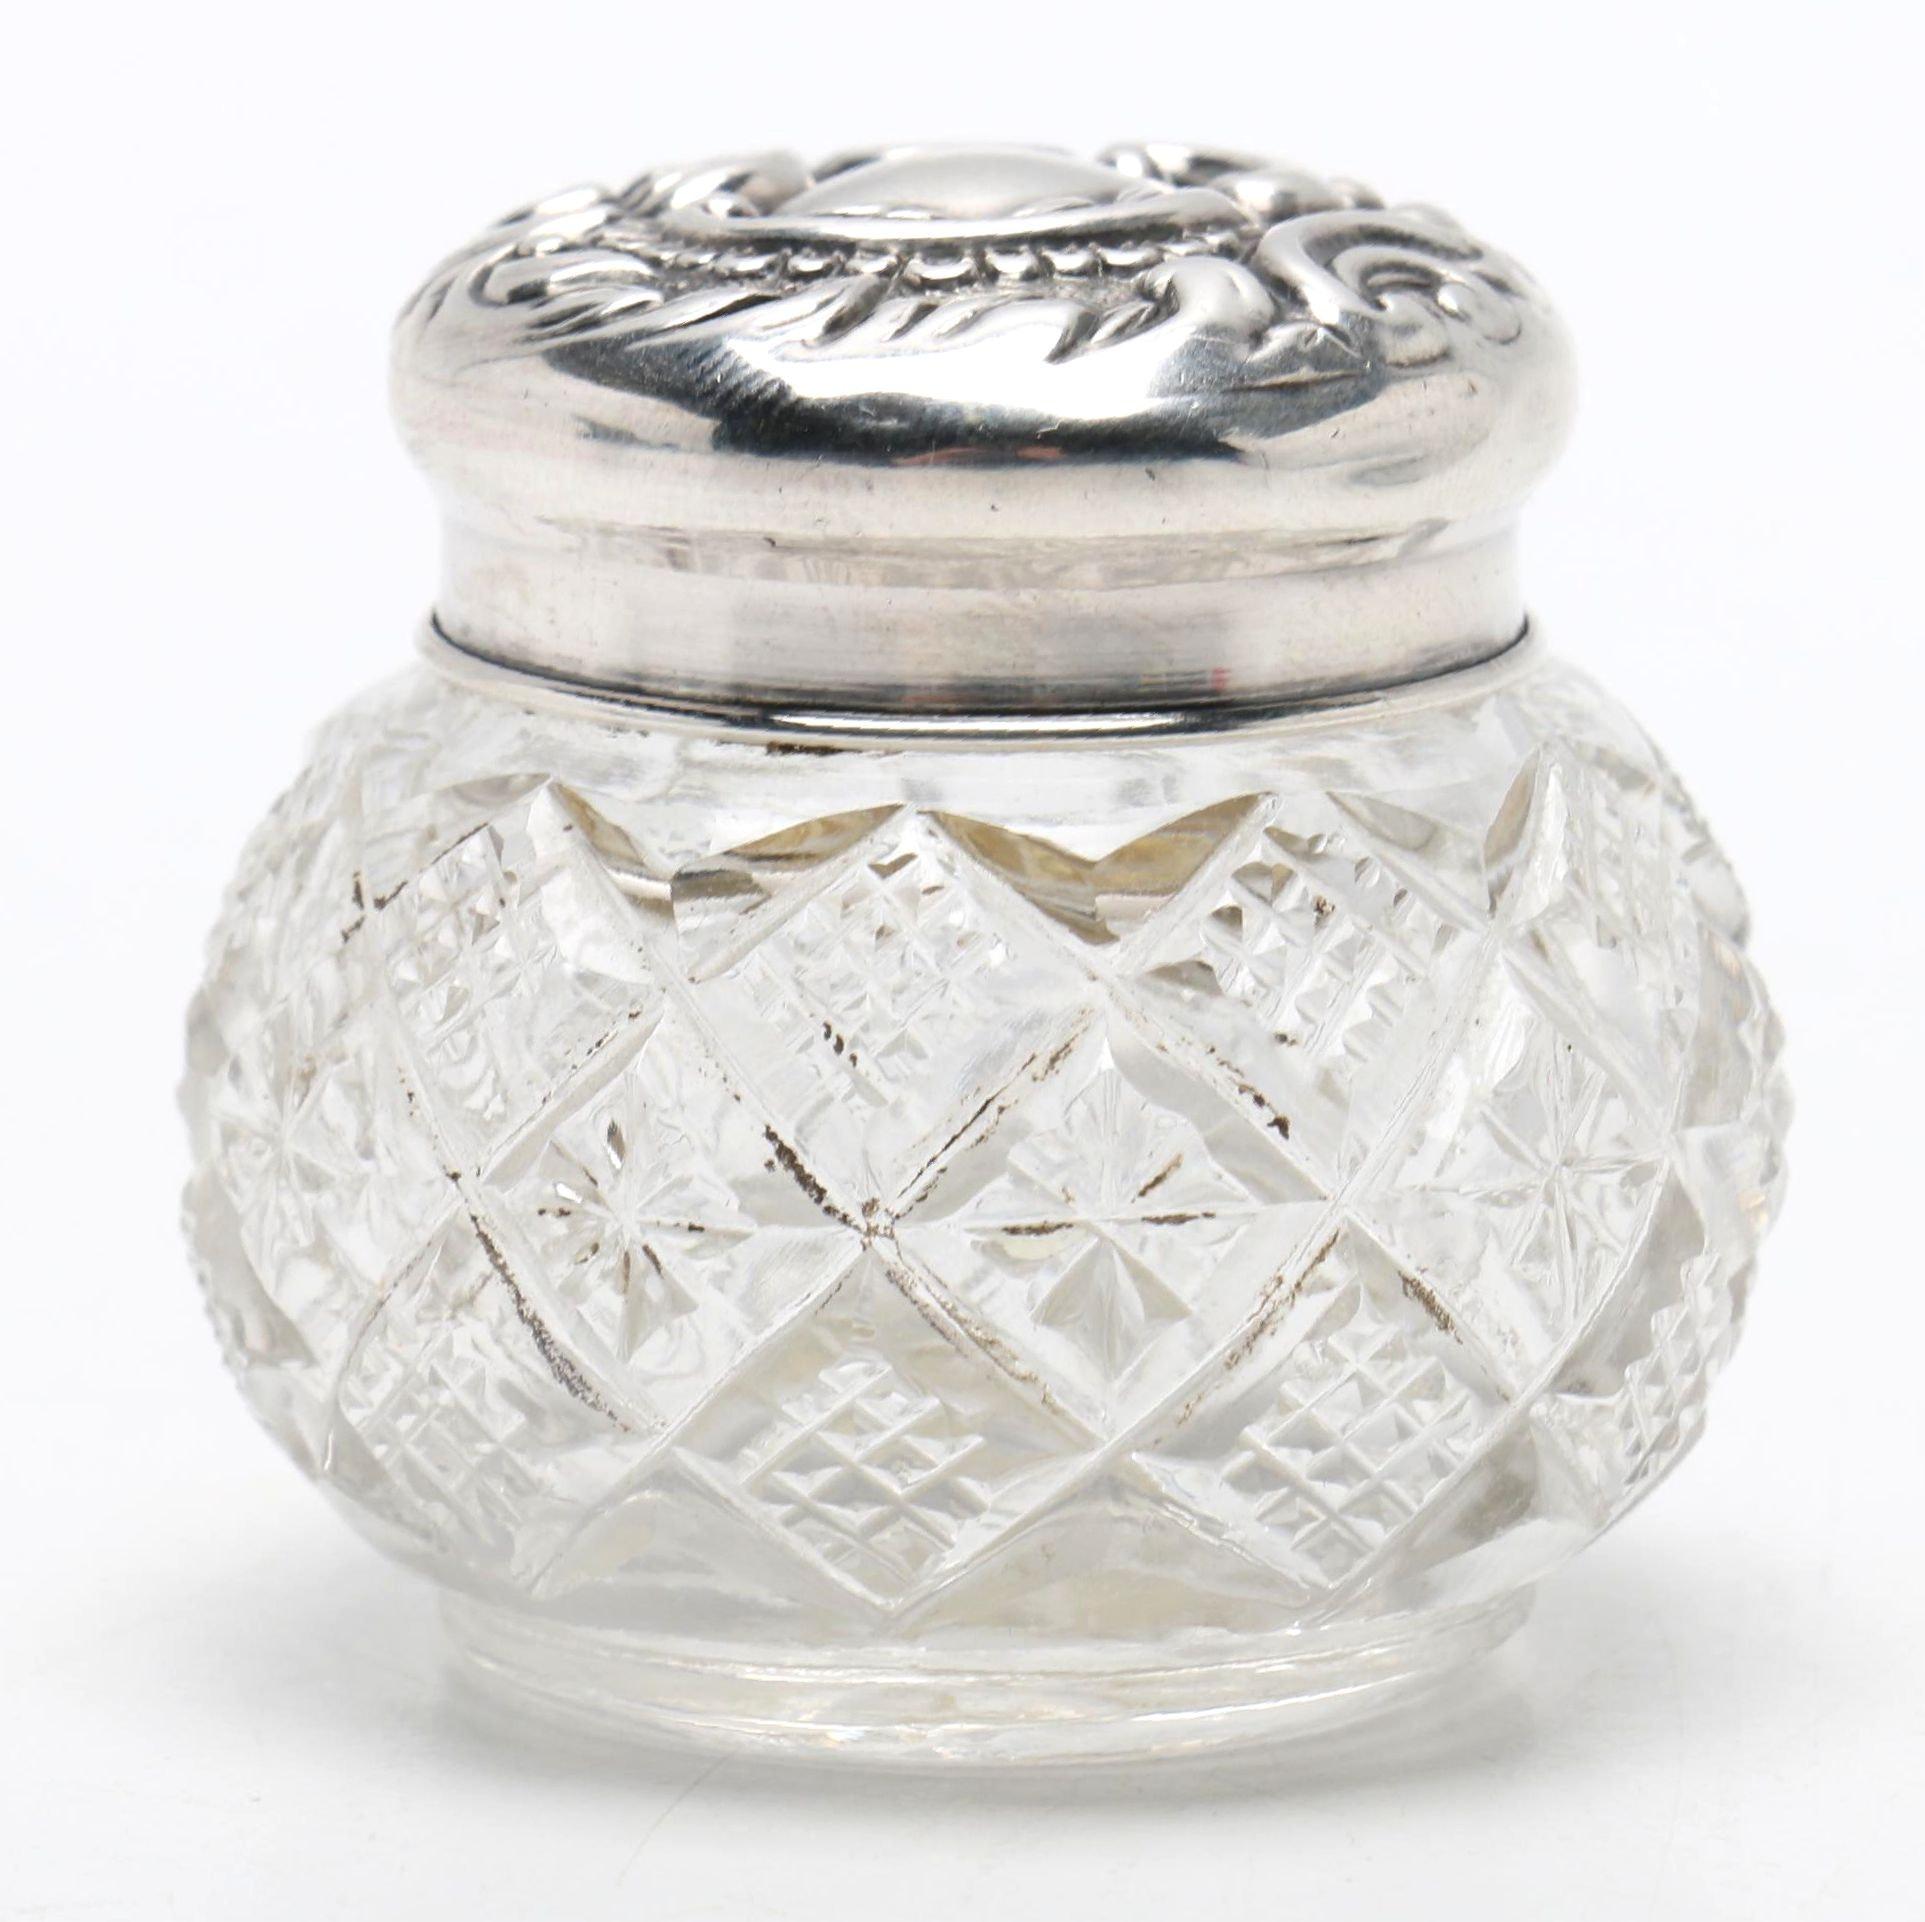 Antique Adie & Lovekin Ltd. Sterling Silver Lidded Glass Jar